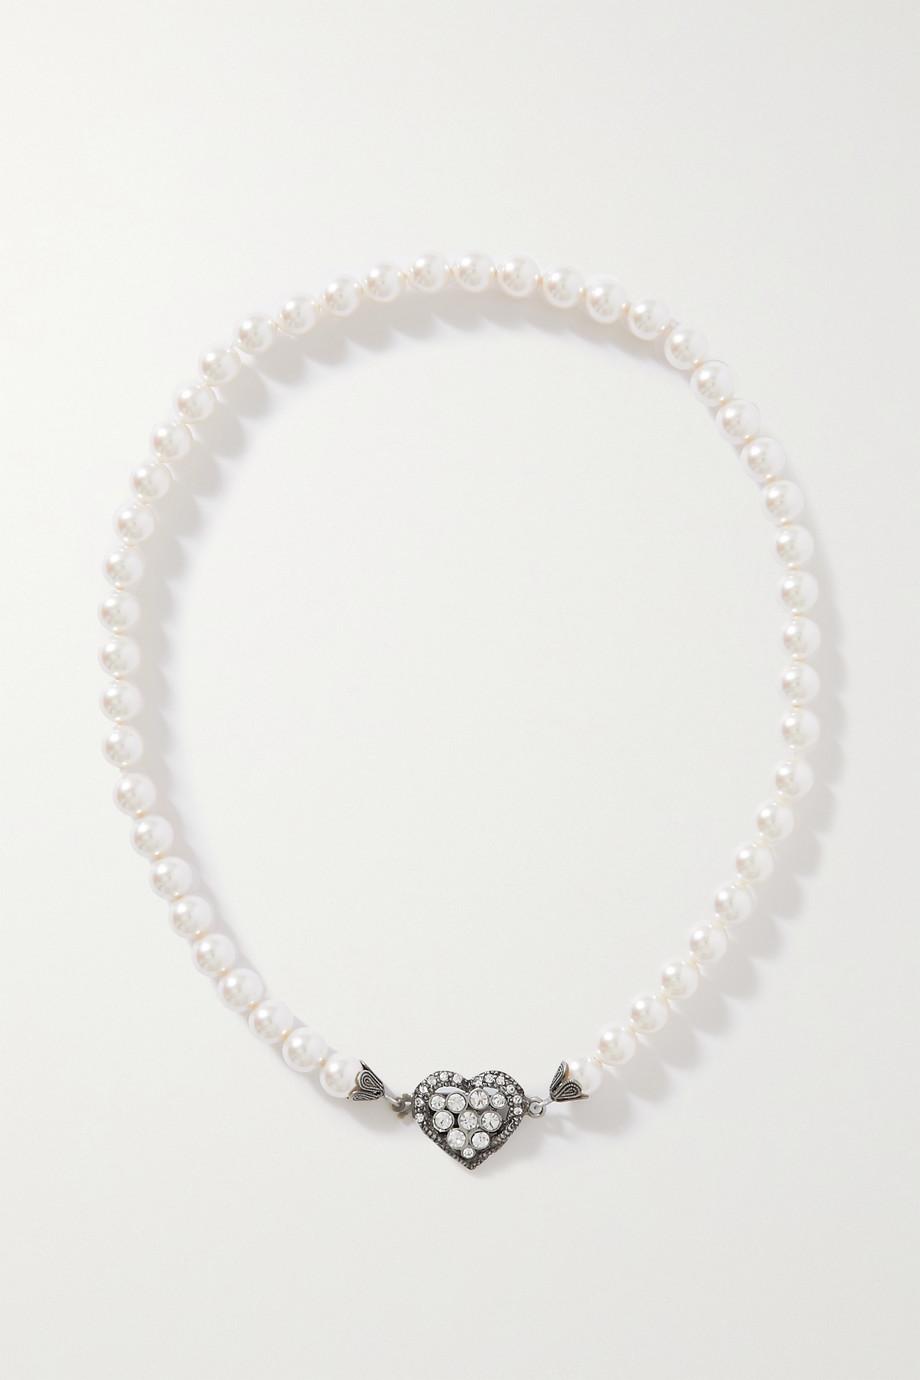 Alessandra Rich Collier en métal argenté, perles synthétiques et cristaux